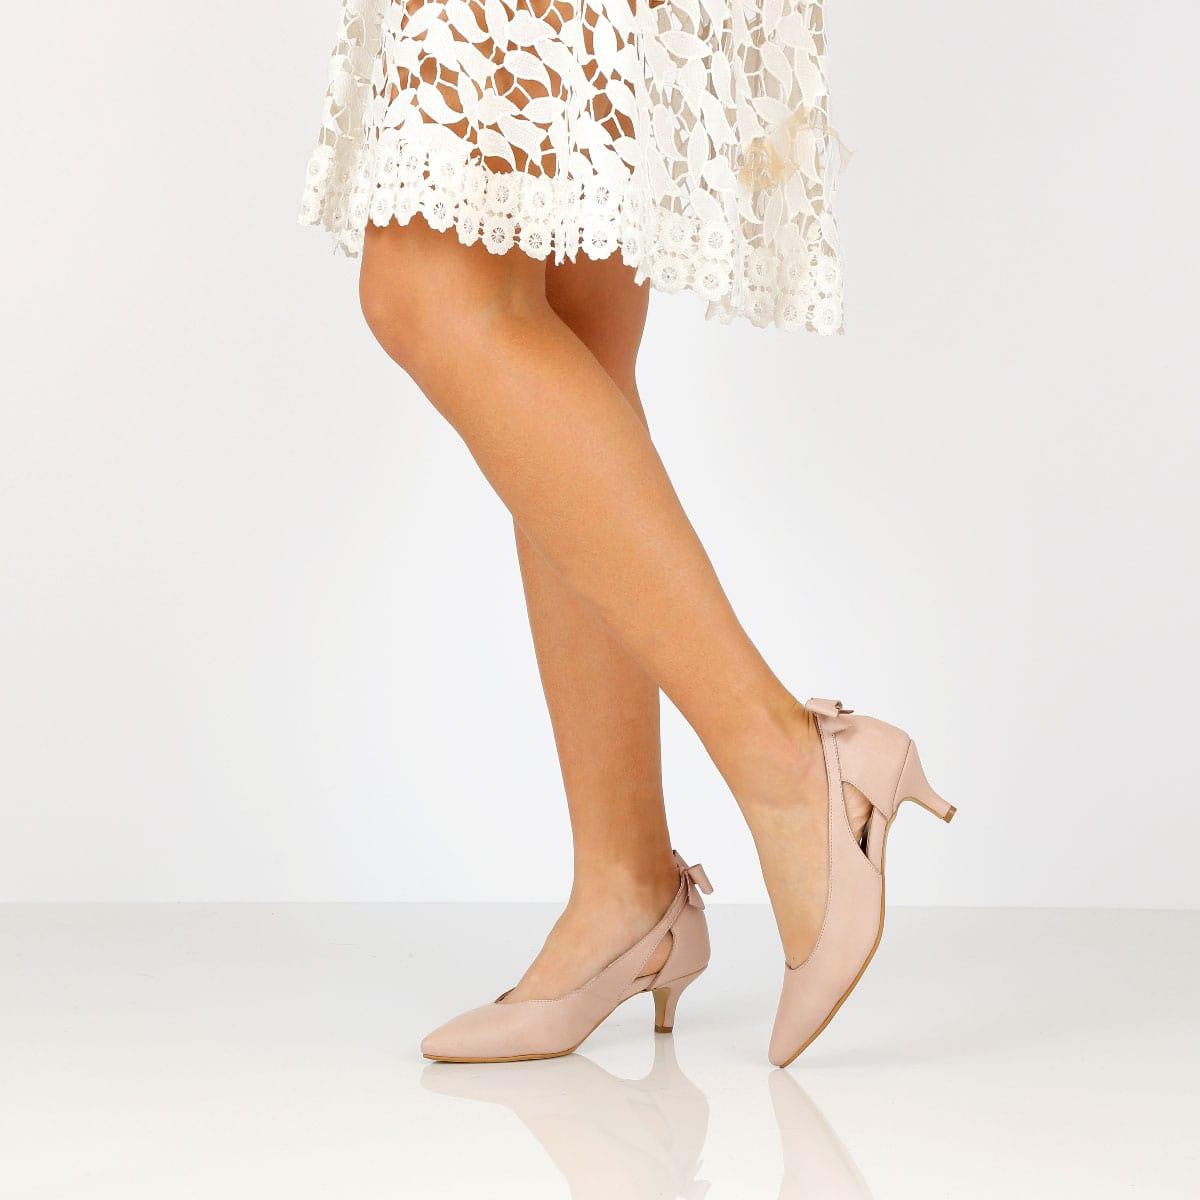 דגם גפן: נעלי נשים בצבע ניוד